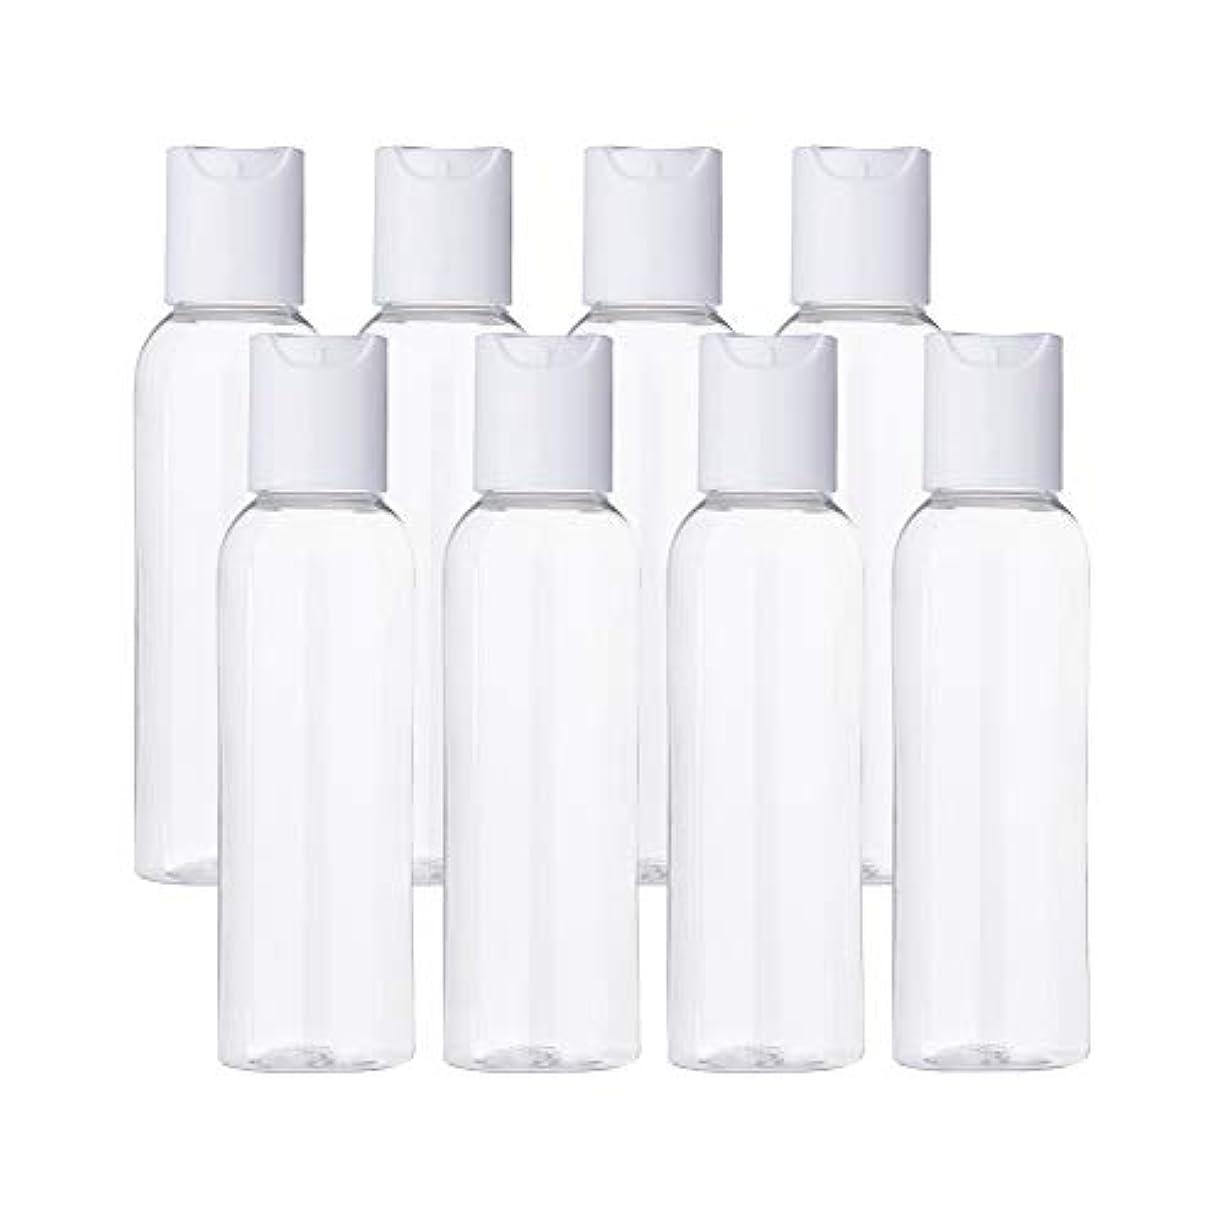 公式カエルラフトBENECREAT 20個セット60mlプレスキャンプボトル 空クリアボトル プラスチック製 クリーム 化粧水 コスメ小分け 詰め替えボトル 白いキャップ